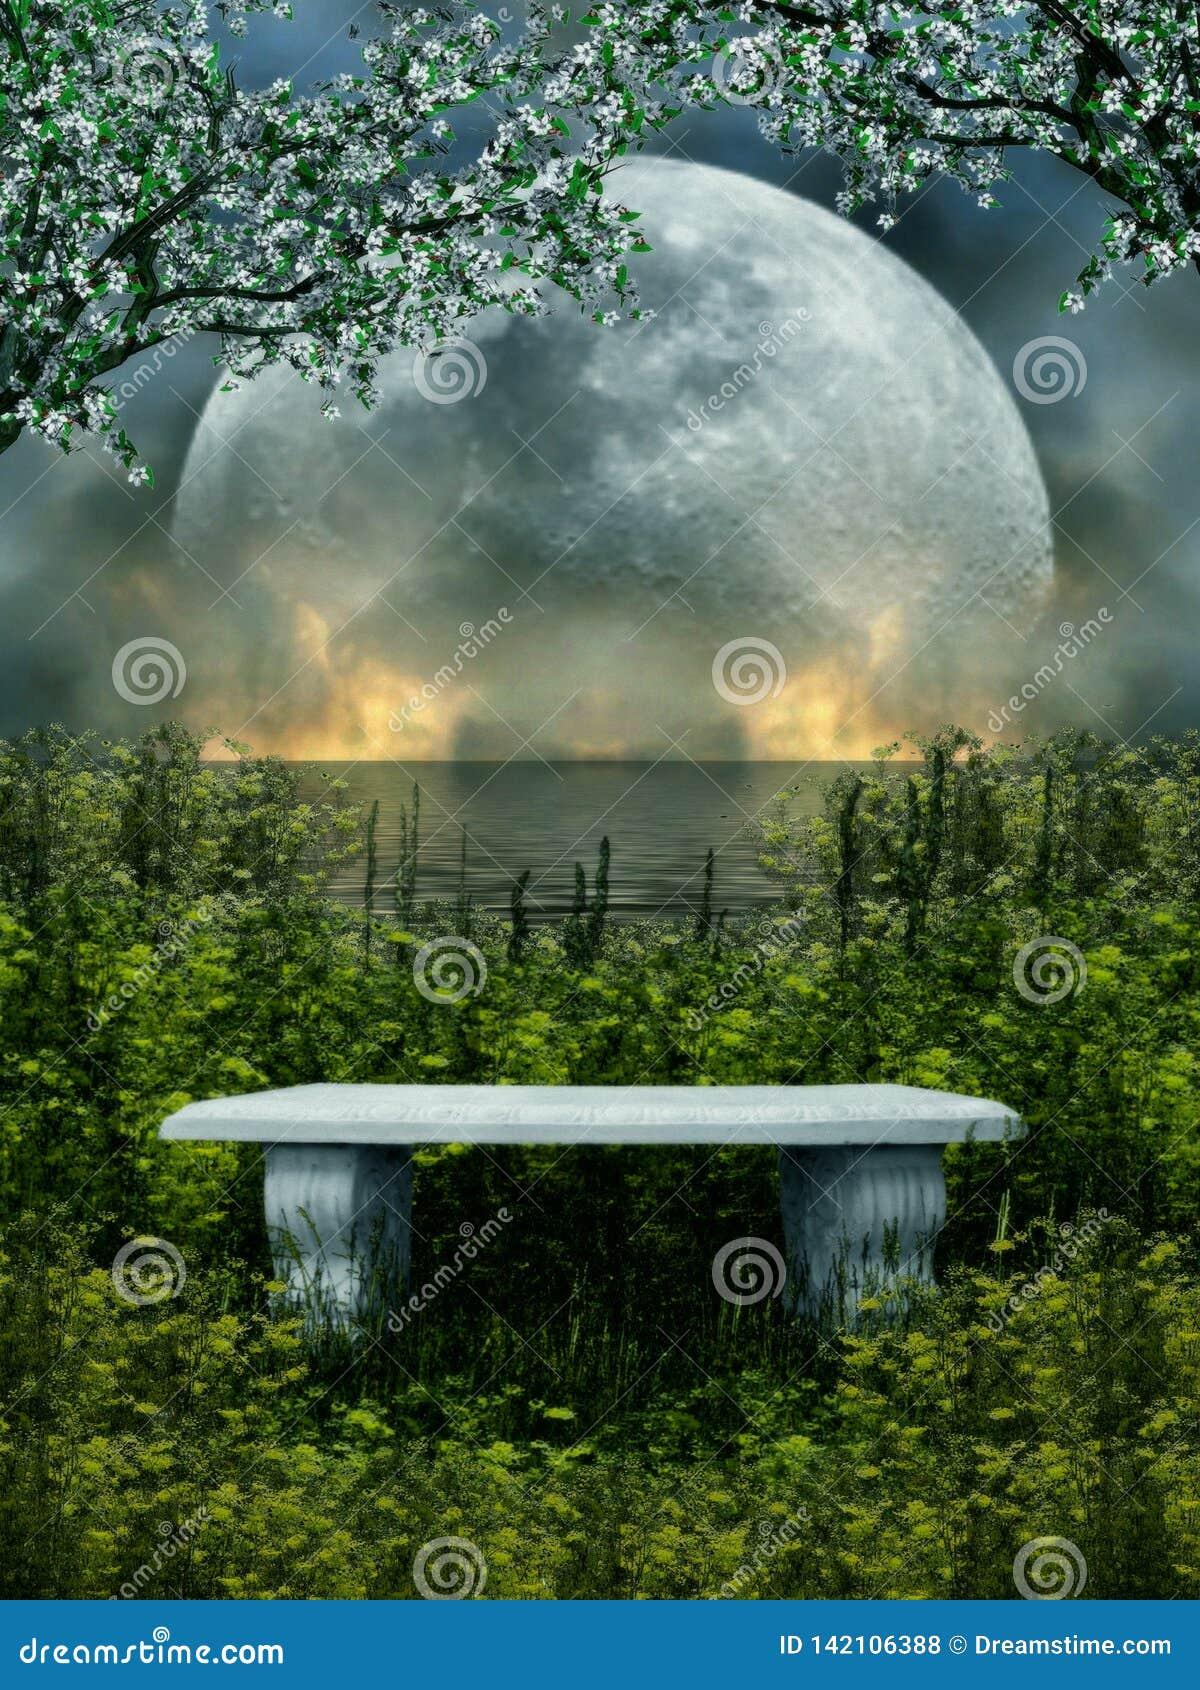 3D illustratie van een steenzetel met aard en maan op de achtergrond wordt geïsoleerd die